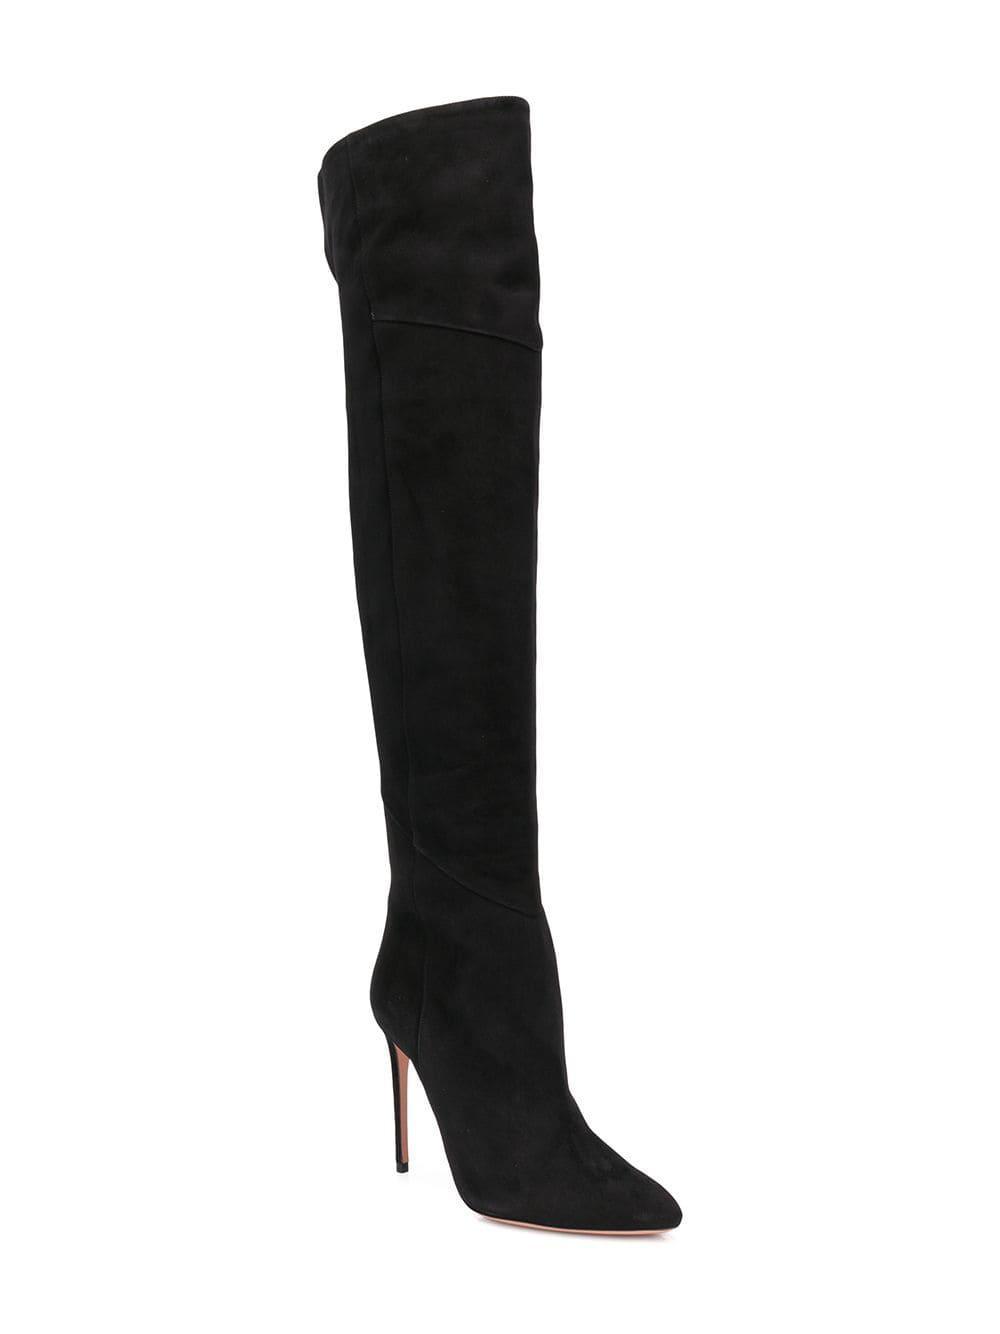 ef2a7e0d843 Lyst - Aquazzura Alma Over-the-knee Boots in Black